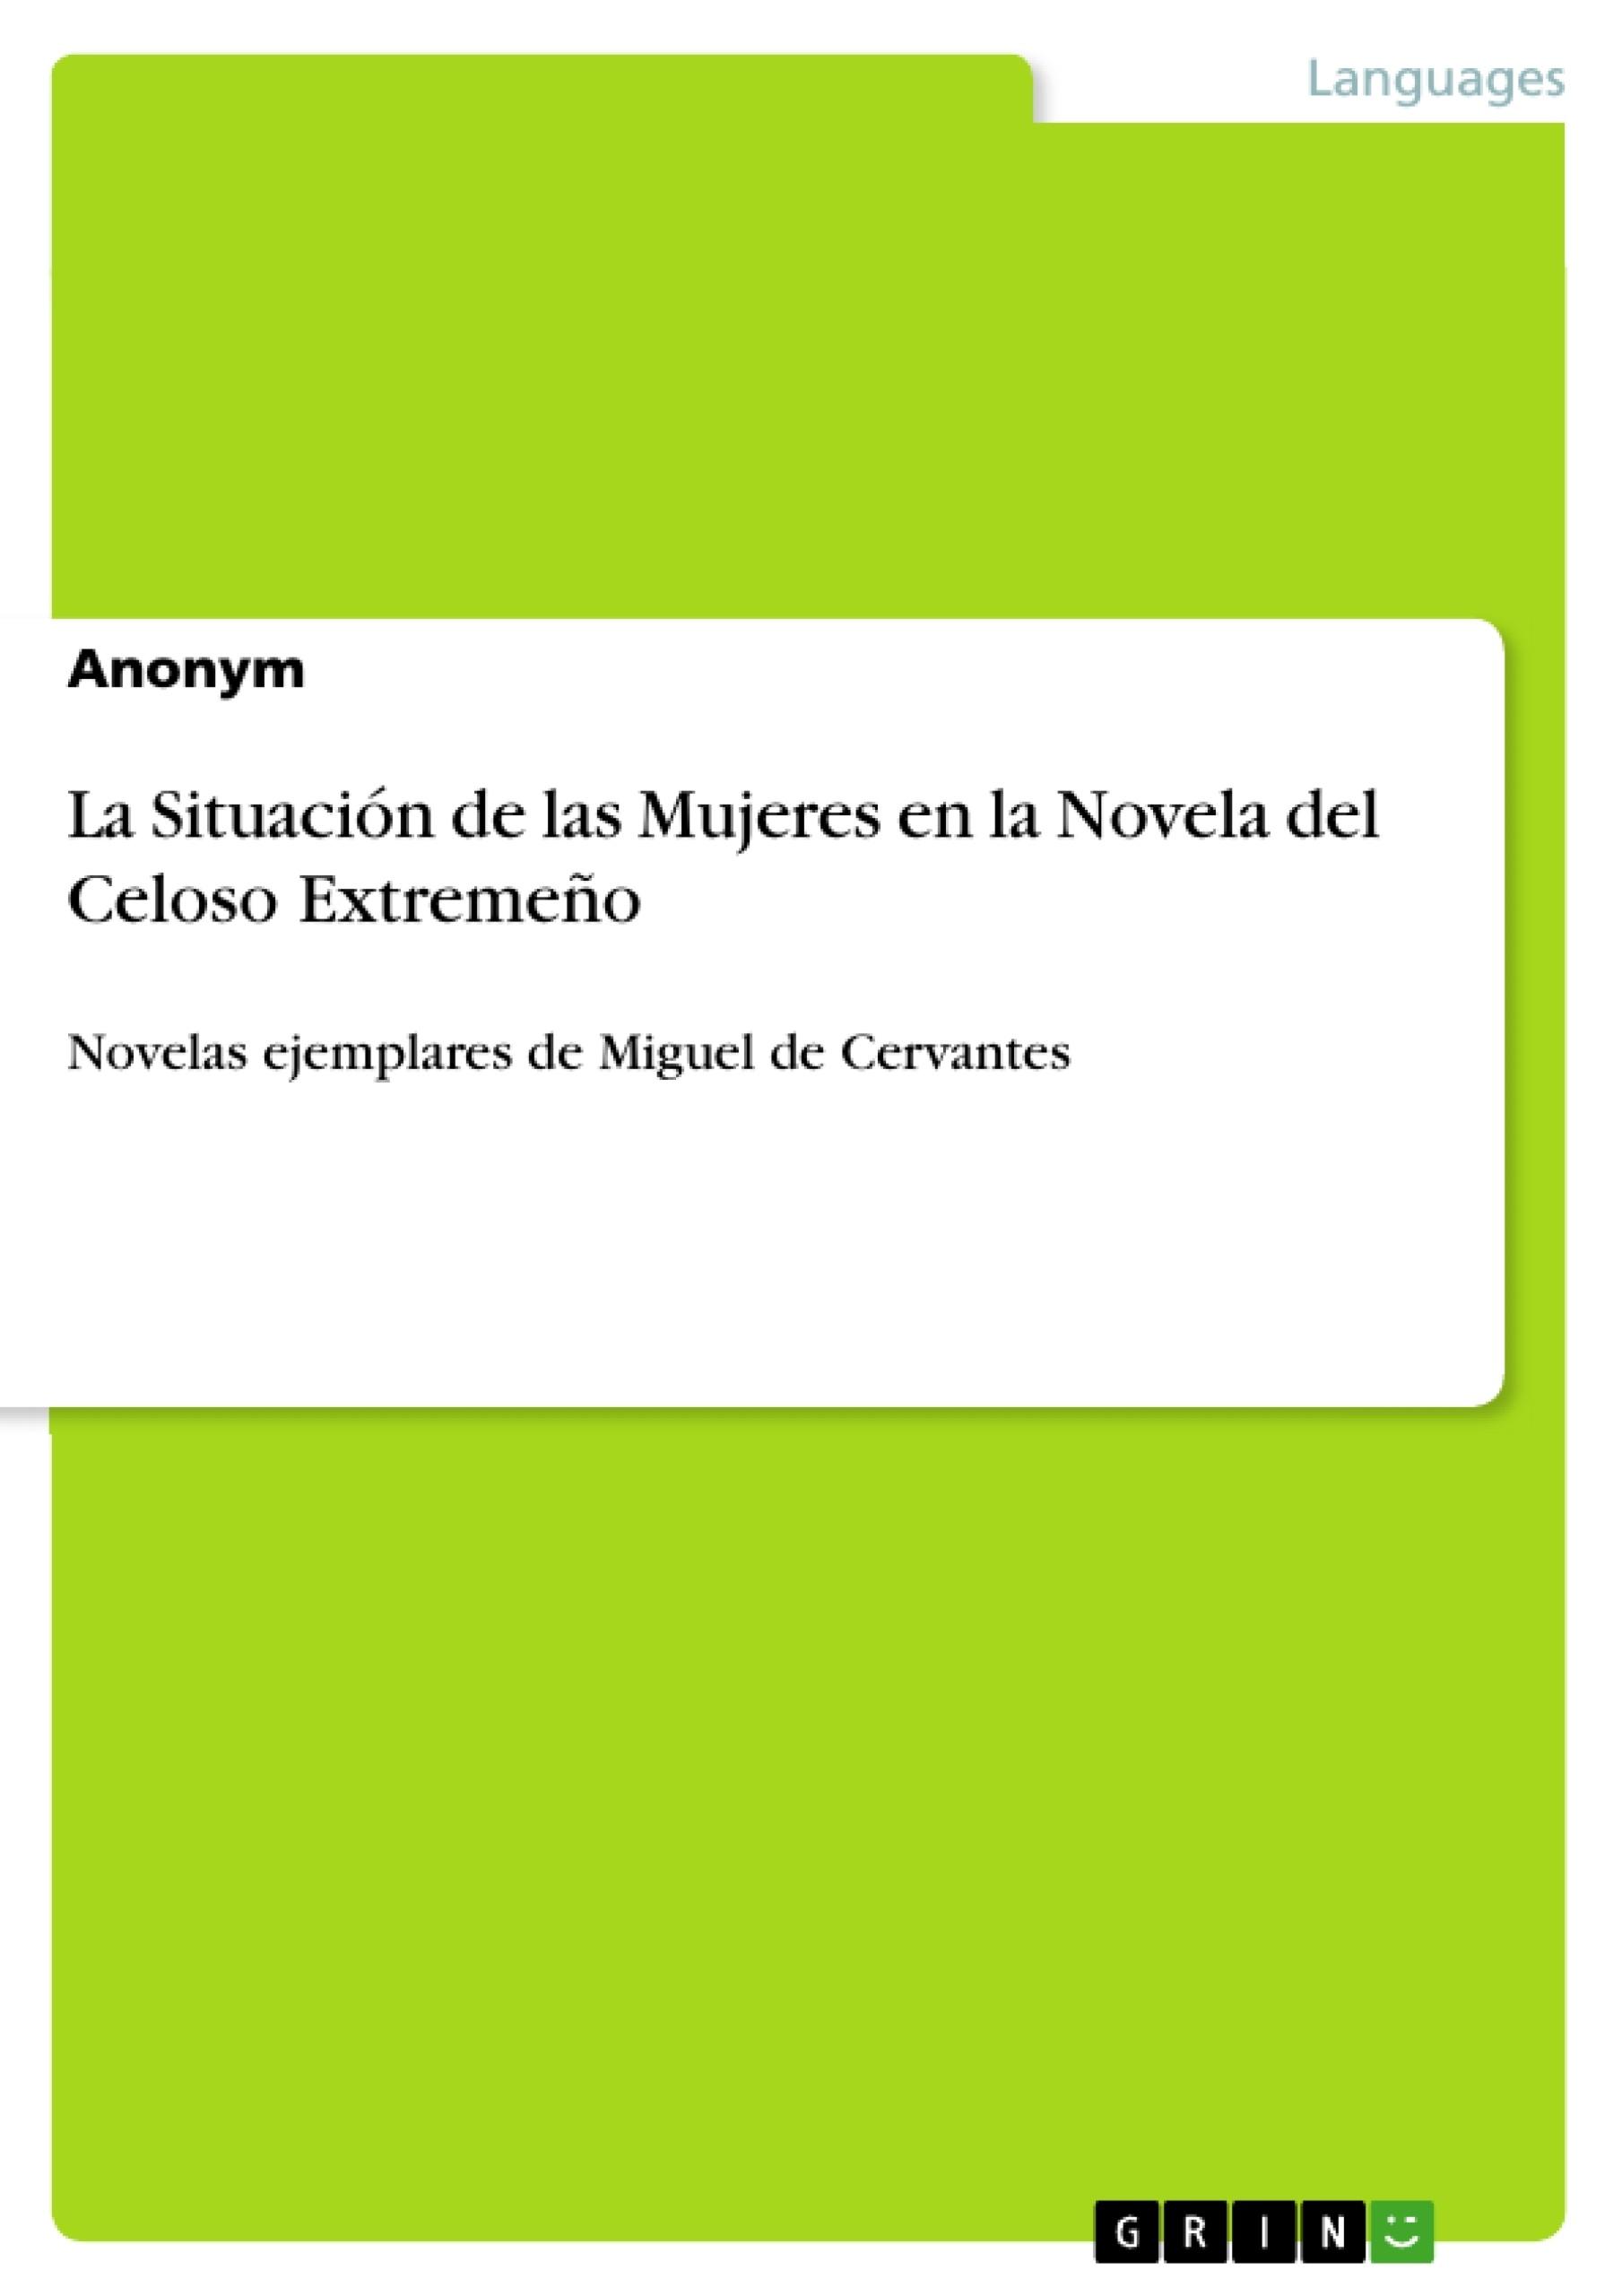 Título: La Situación de las Mujeres en la Novela del Celoso Extremeño